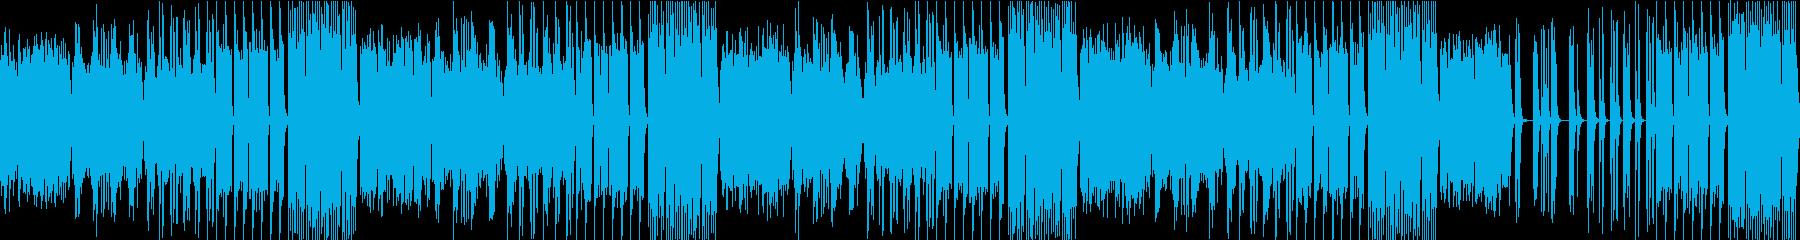 【オルゴール】温かく優しい雰囲気の曲の再生済みの波形